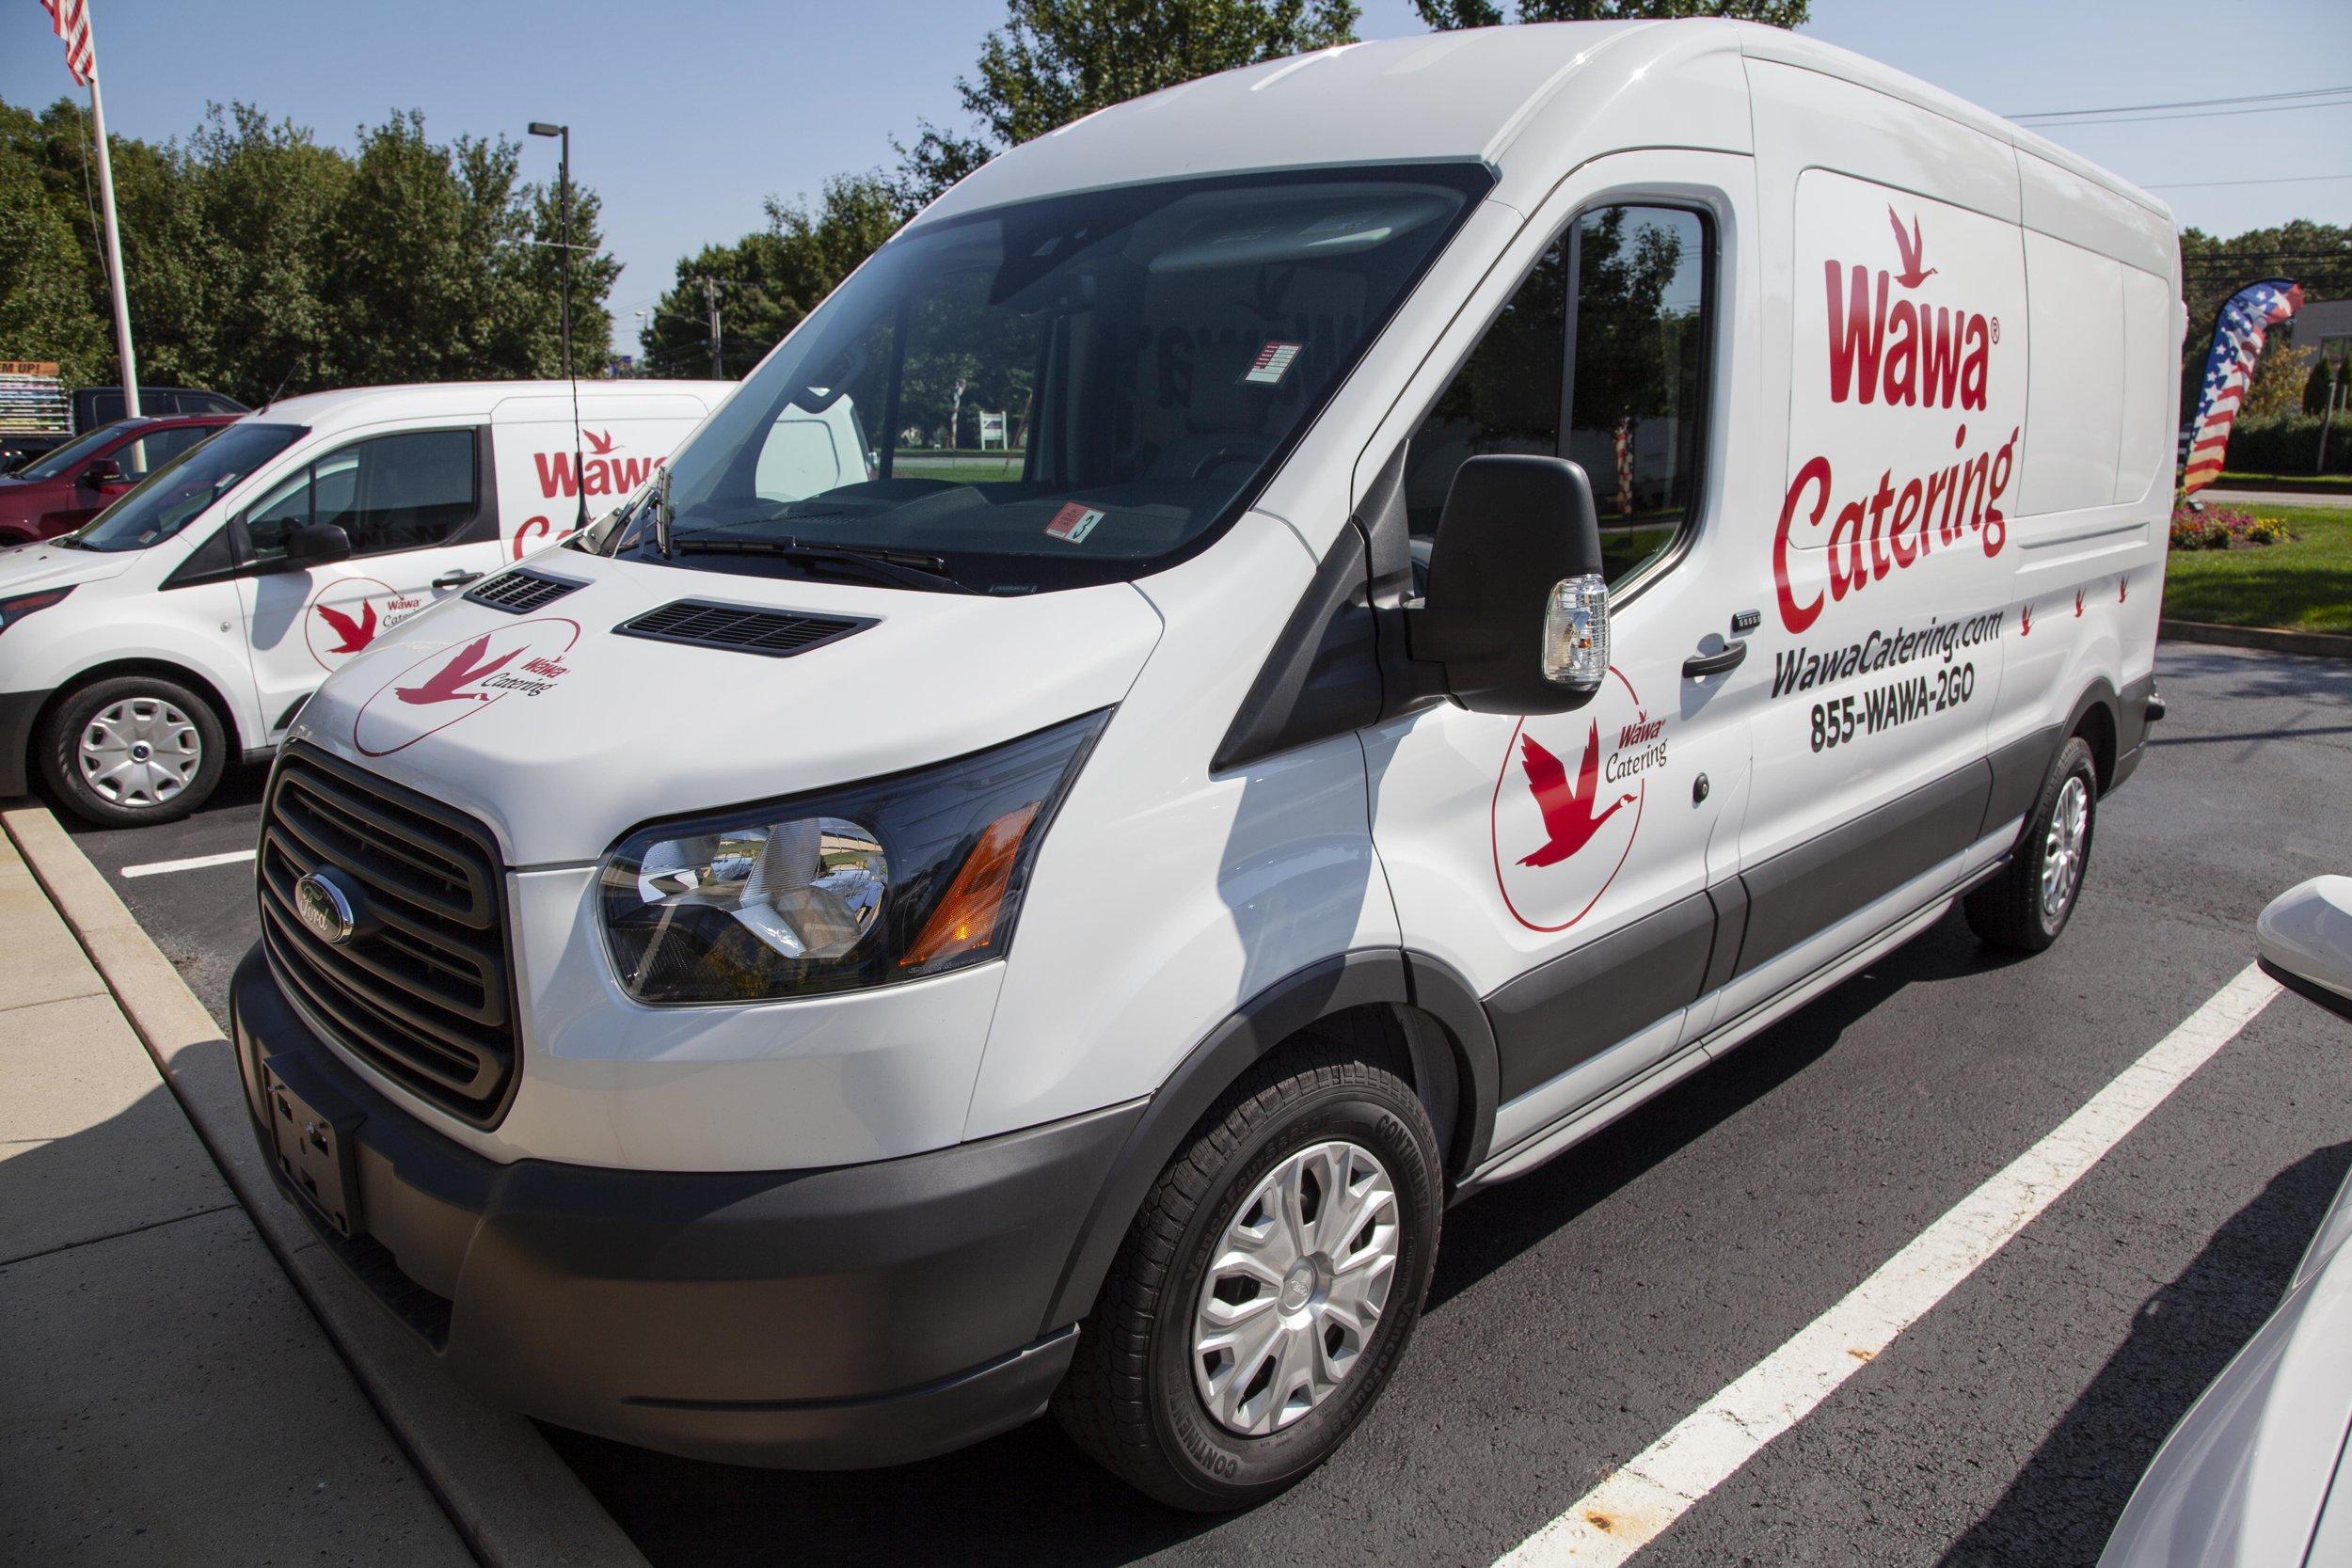 Wawa Catering Vans Vinyl Installation -